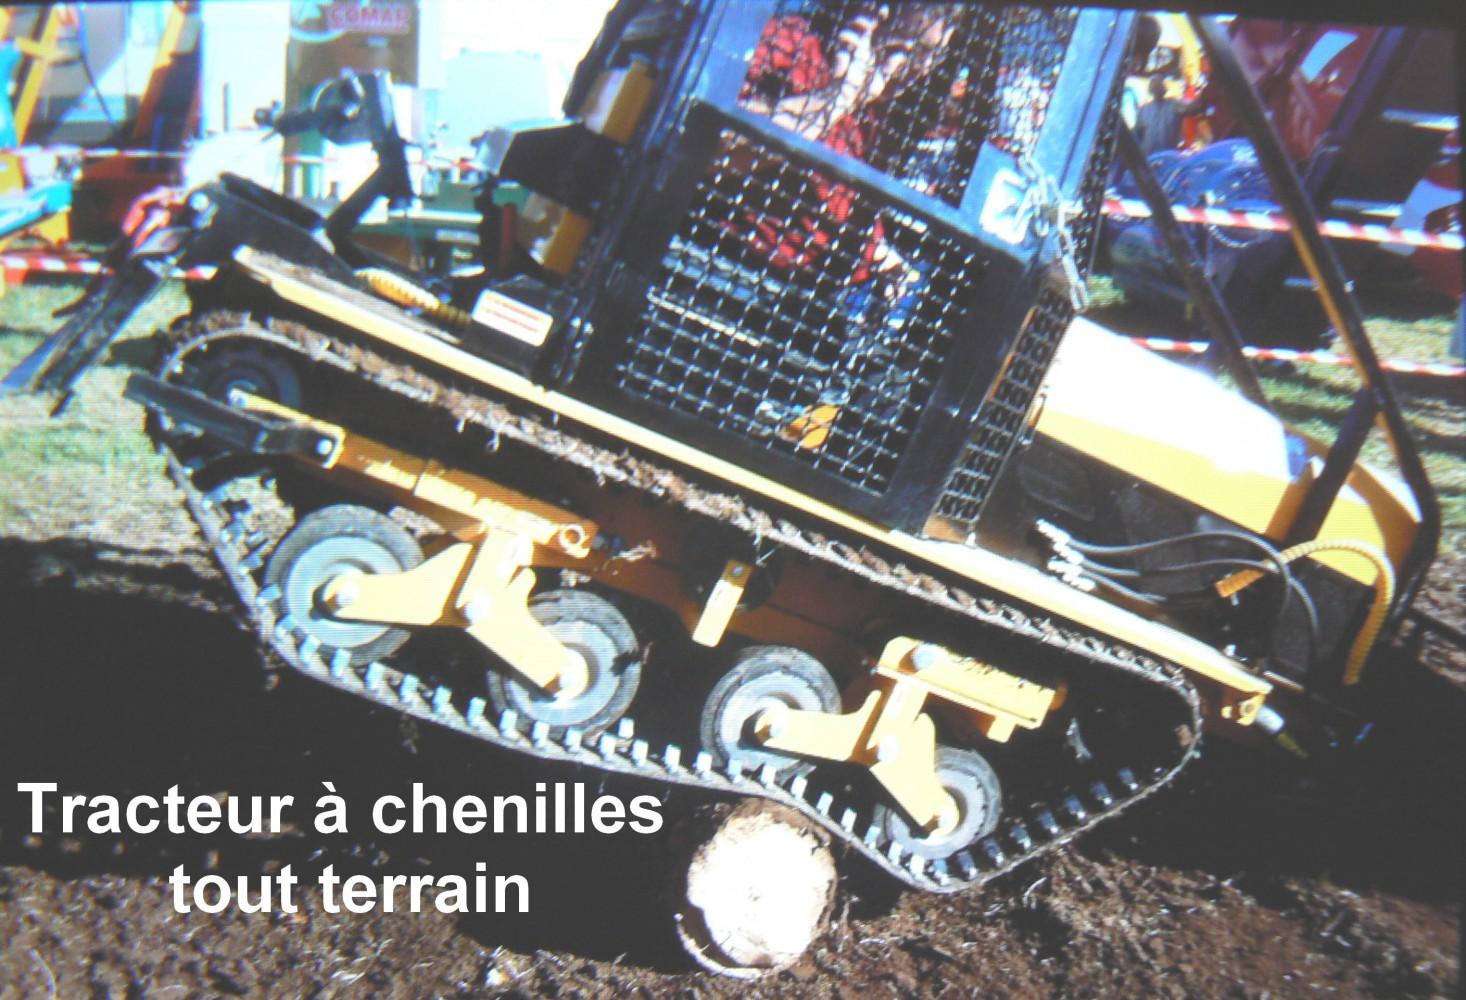 Tracteur à chenilles tout terrain